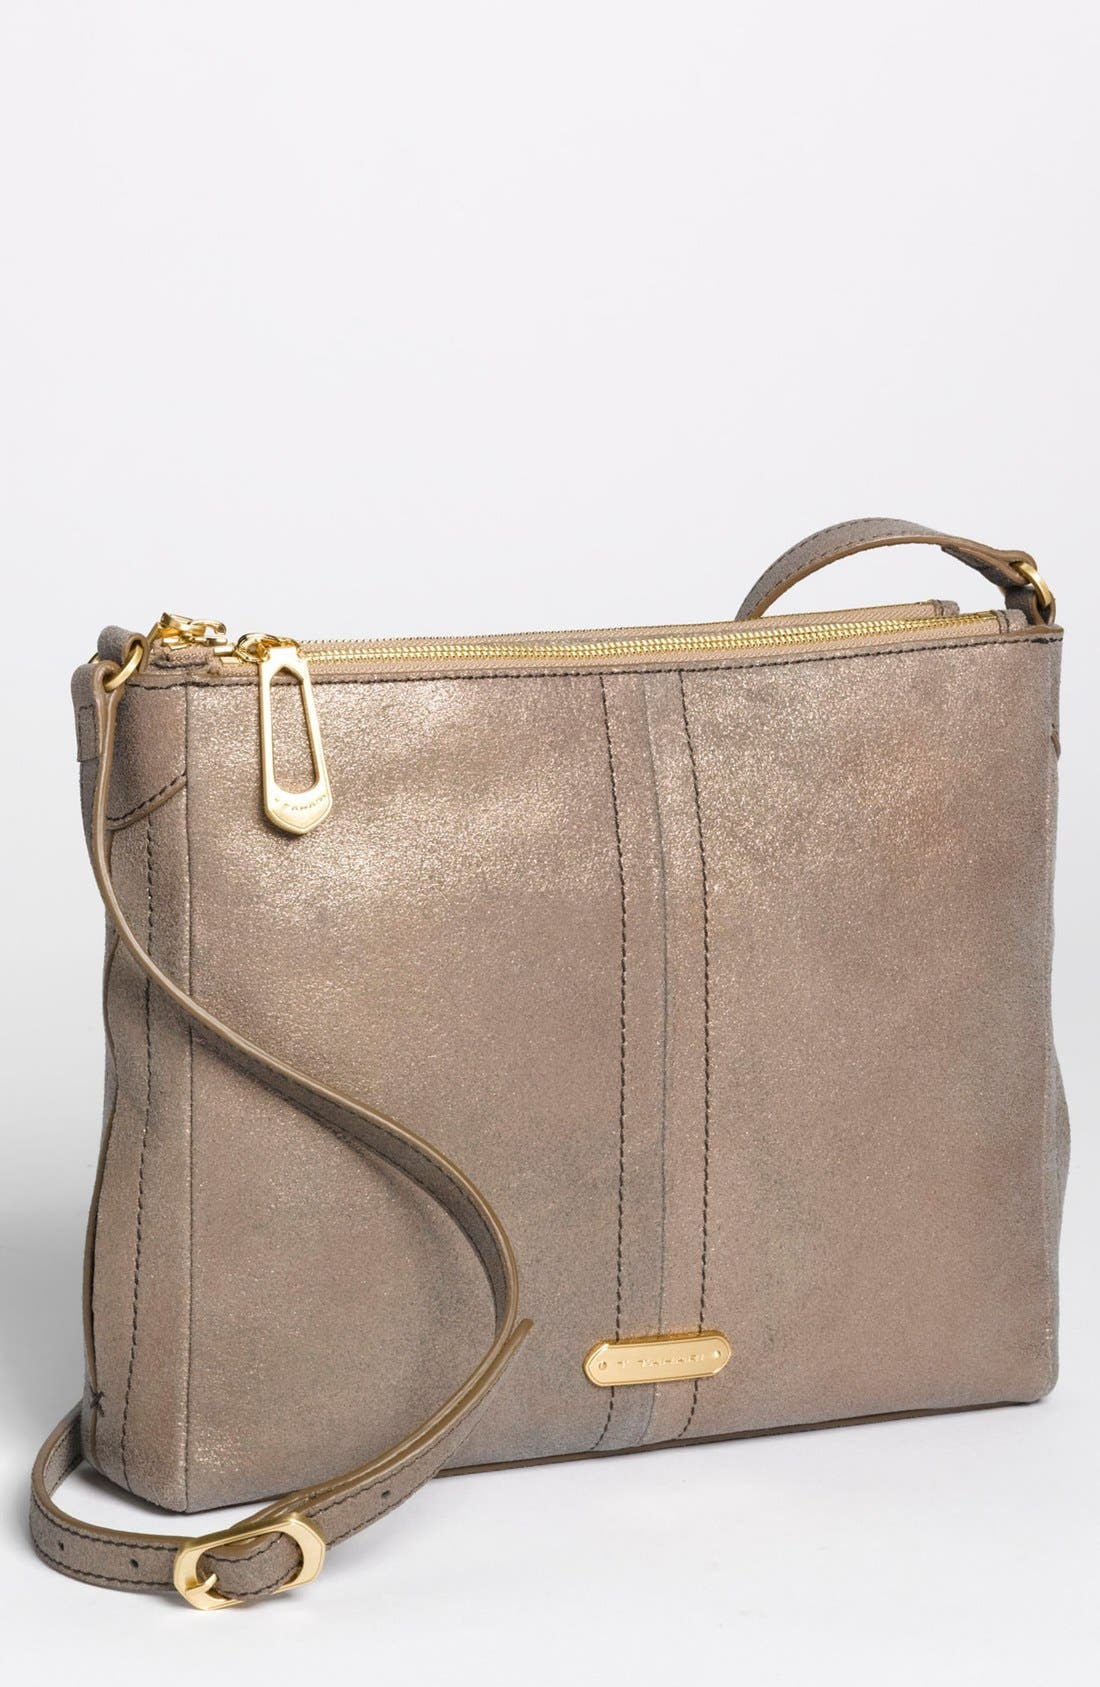 Main Image - T Tahari Double Zip Crossbody Bag, Small